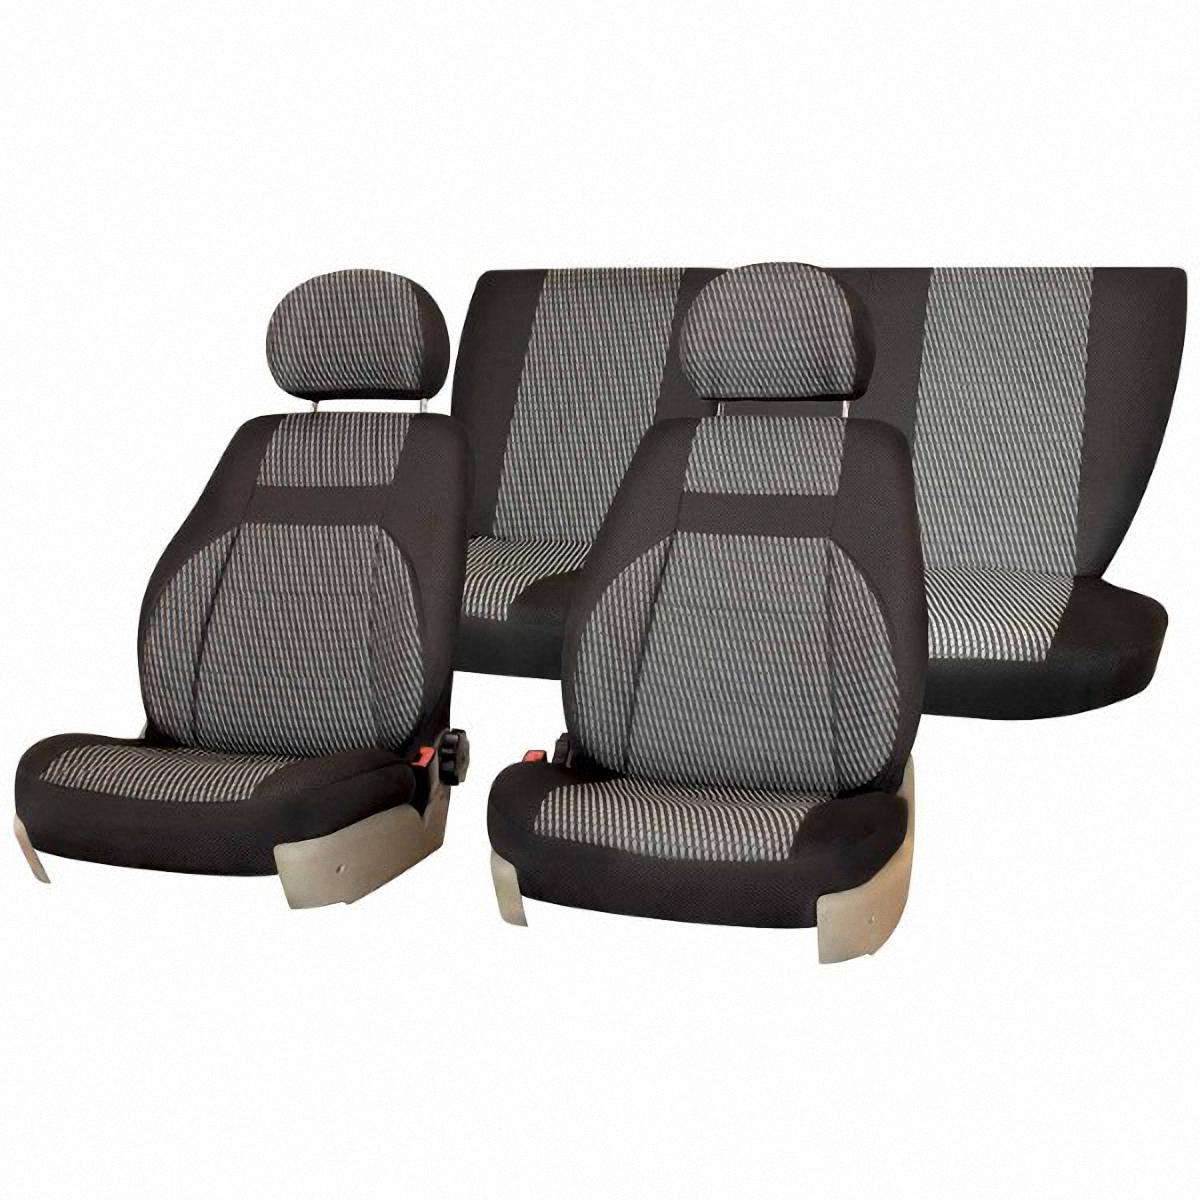 Чехлы автомобильные Skyway, для Lada Kalina 2004-2012, цвет: светло-серыйV003-D1Автомобильные чехлы Skyway изготовлены из качественного жаккарда. Чехлы идеально повторяют штатную форму сидений и выглядят как оригинальная обивка сидений. Разработаны индивидуально для каждой модели автомобиля. Авточехлы Skyway просты в уходе - загрязнения легко удаляются влажной тканью. Чехлы имеют раздельную схему надевания. В комплекте 12 предметов.